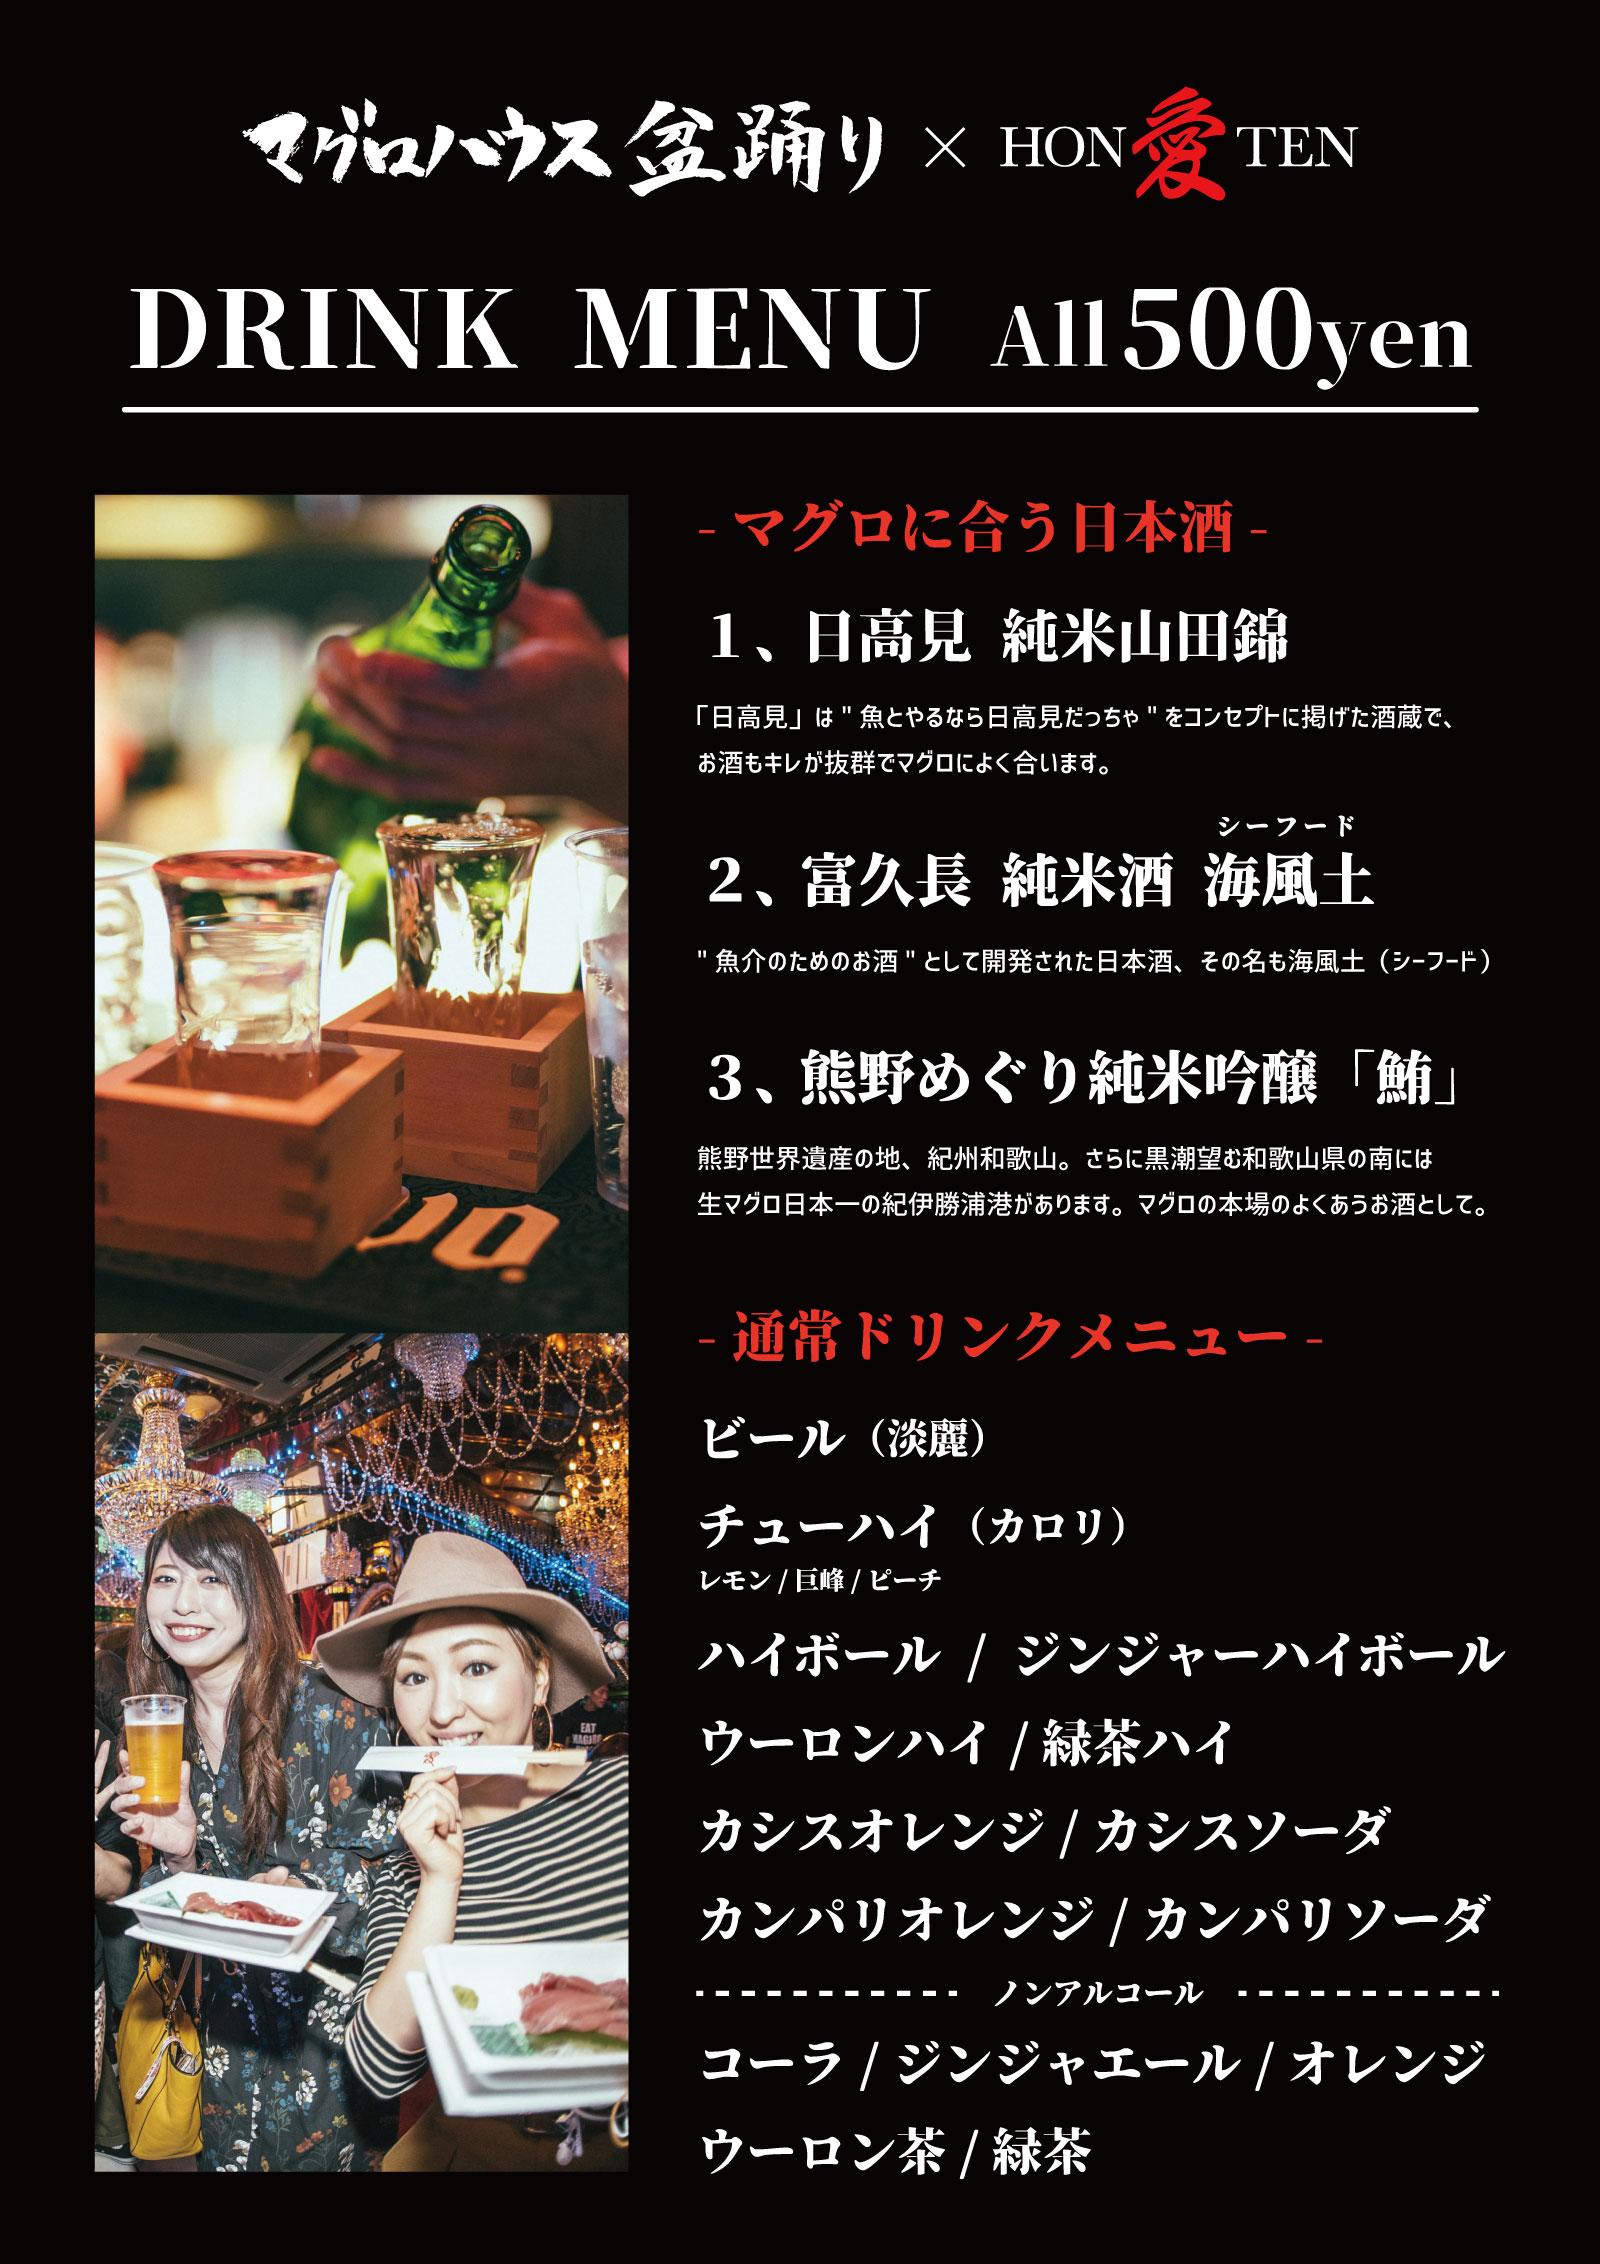 190815_magurohouse2019_aihonten_drink